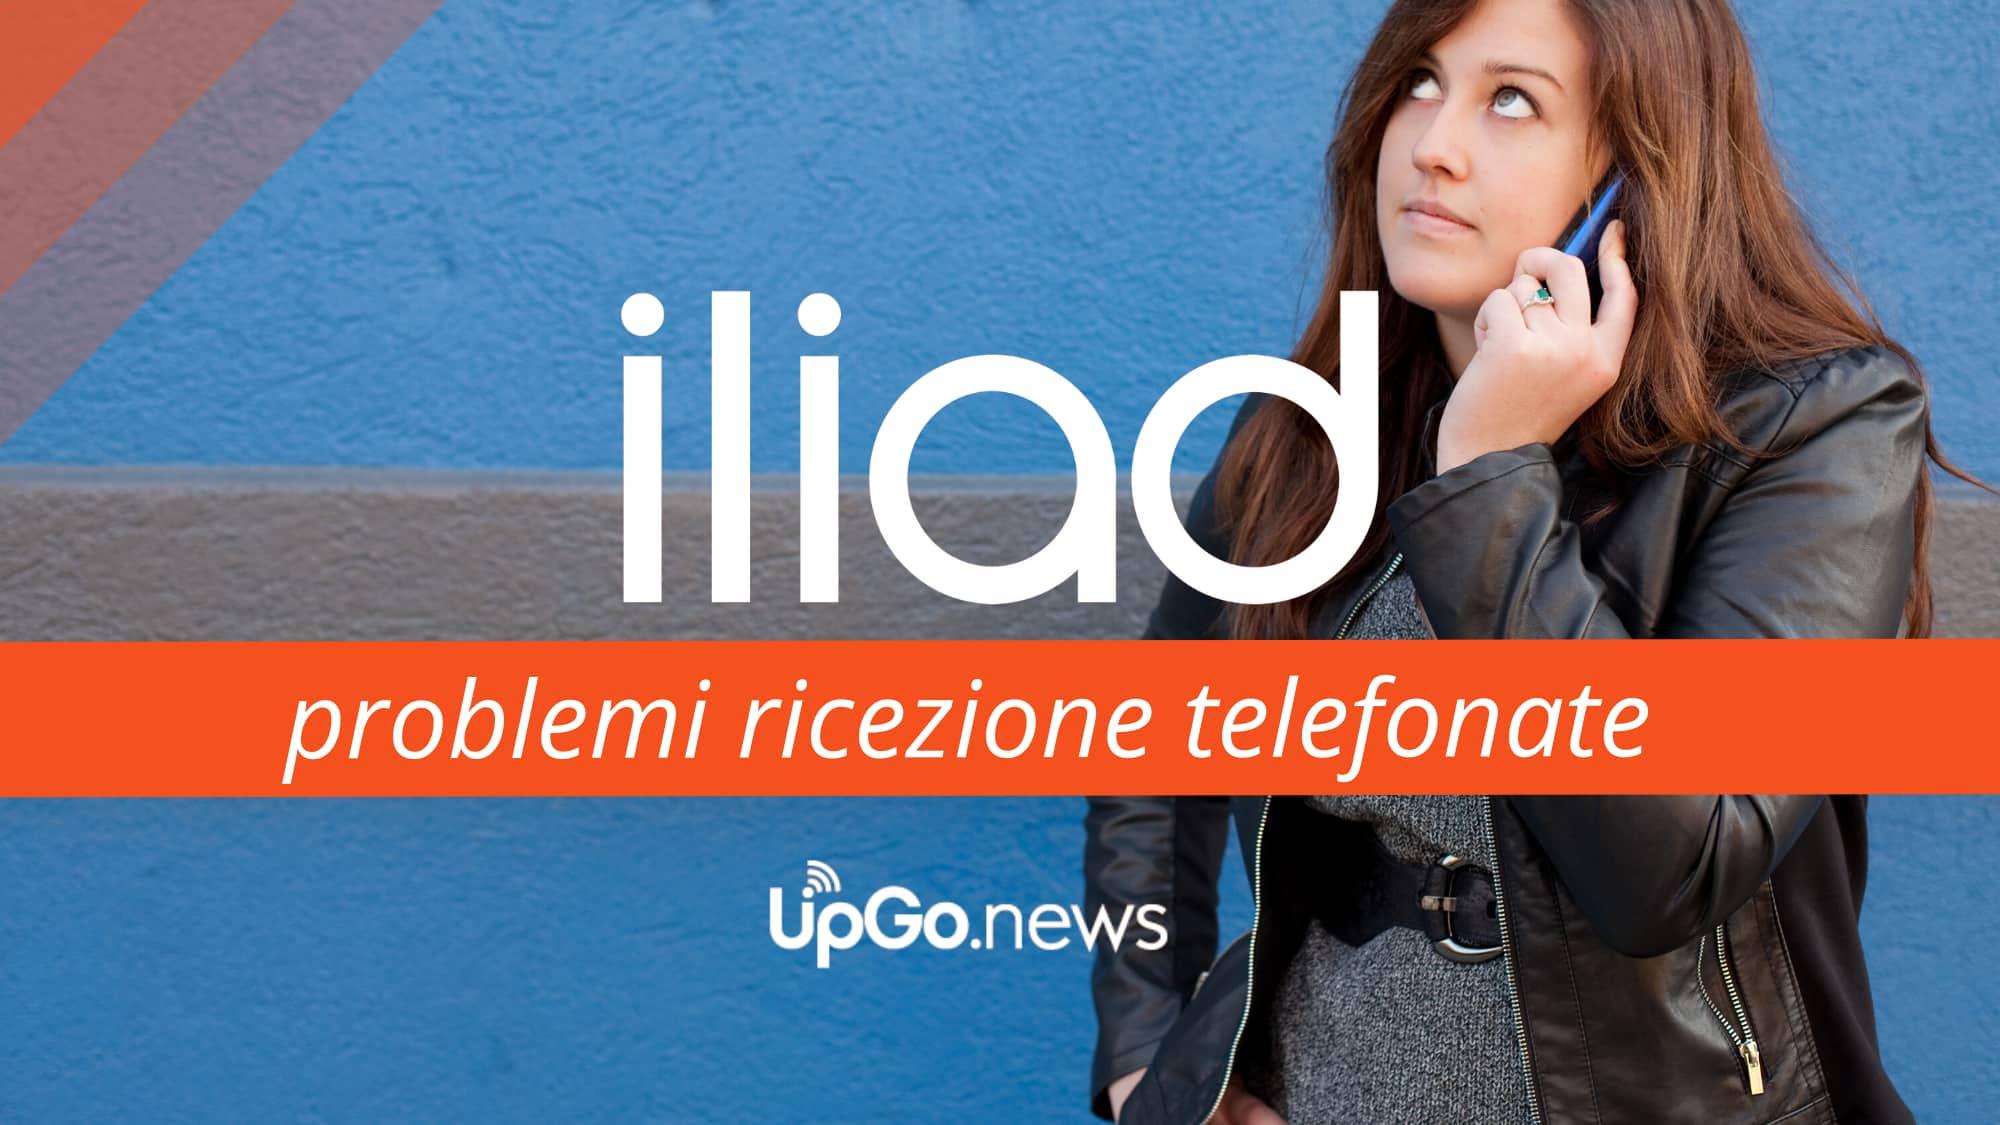 Iliad problemi ricezione telefonate